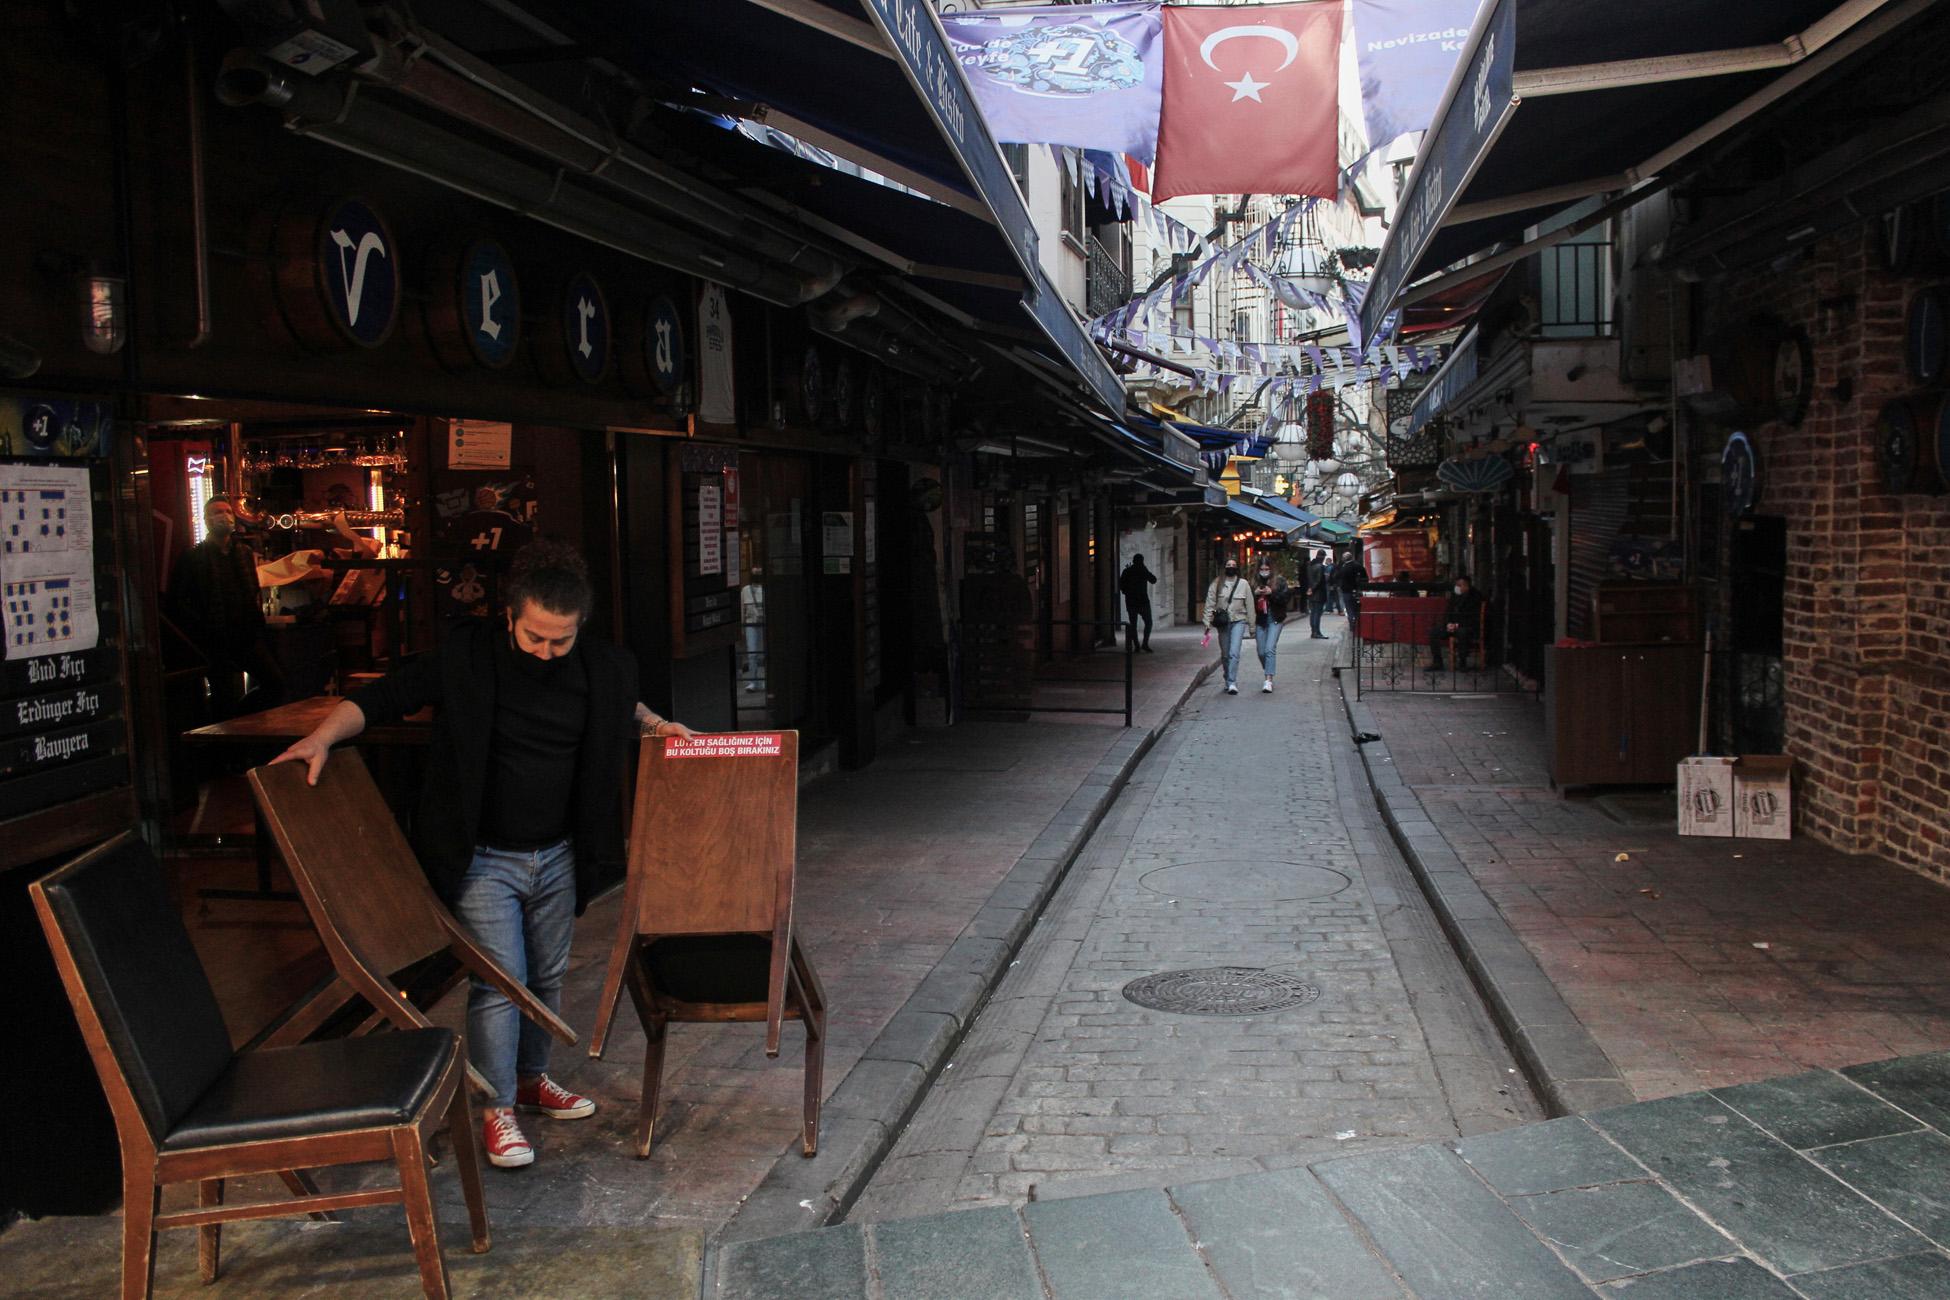 Τουρκία – κορονοϊός : Νέο lockdown τις δυο πρώτες εβδομάδες του Ραμαζανιού ανακοίνωσε ο Ερντογάν